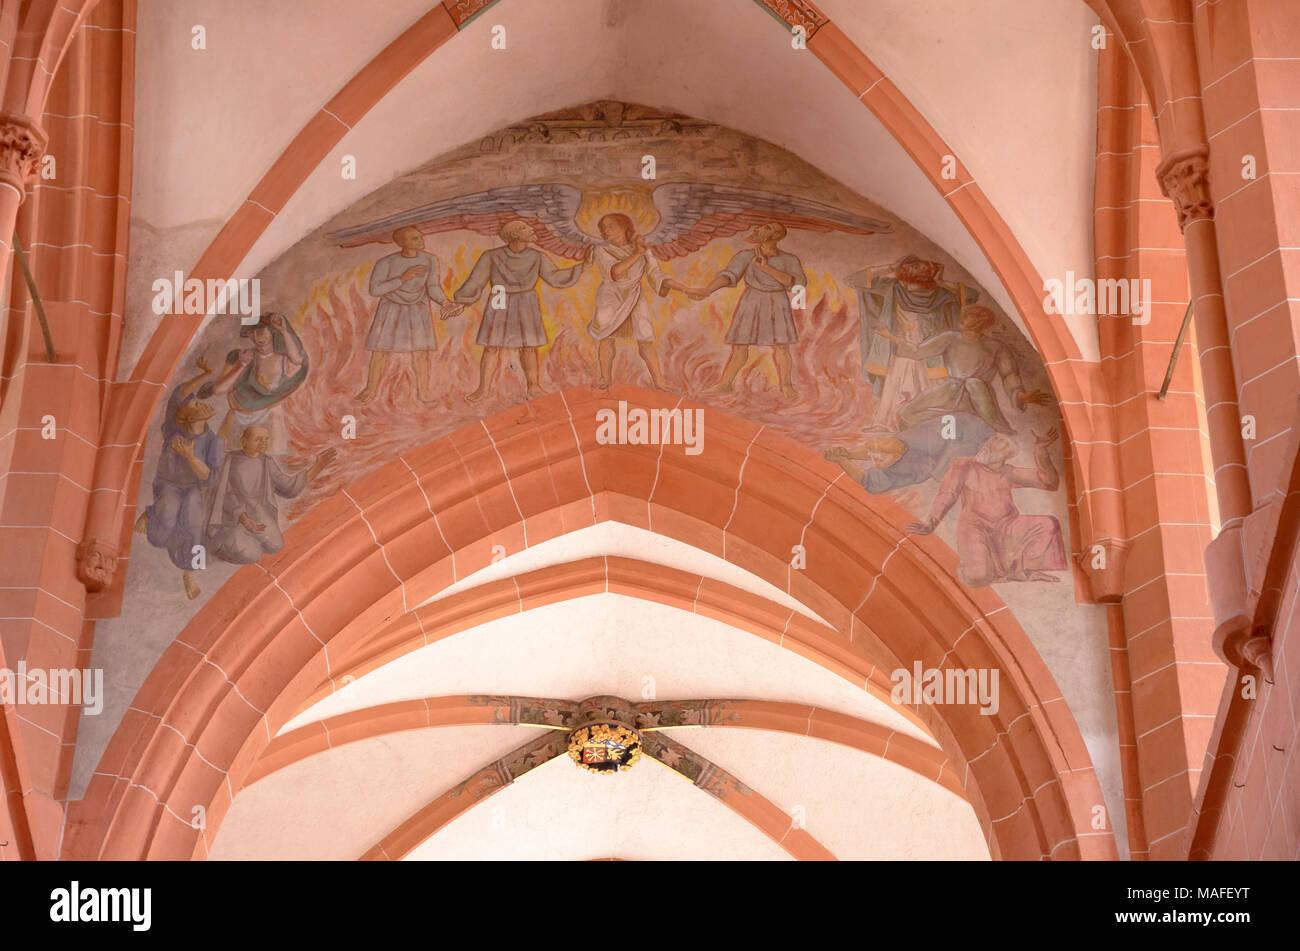 Grabstätte Ruprecht III. und seiner Gemahlin Elisabeth von Hohenzollern-Nürnberg , Heilig-Geist-Kirche, Heidelberg, Baden-Württemberg, Deutschland - Stock Image